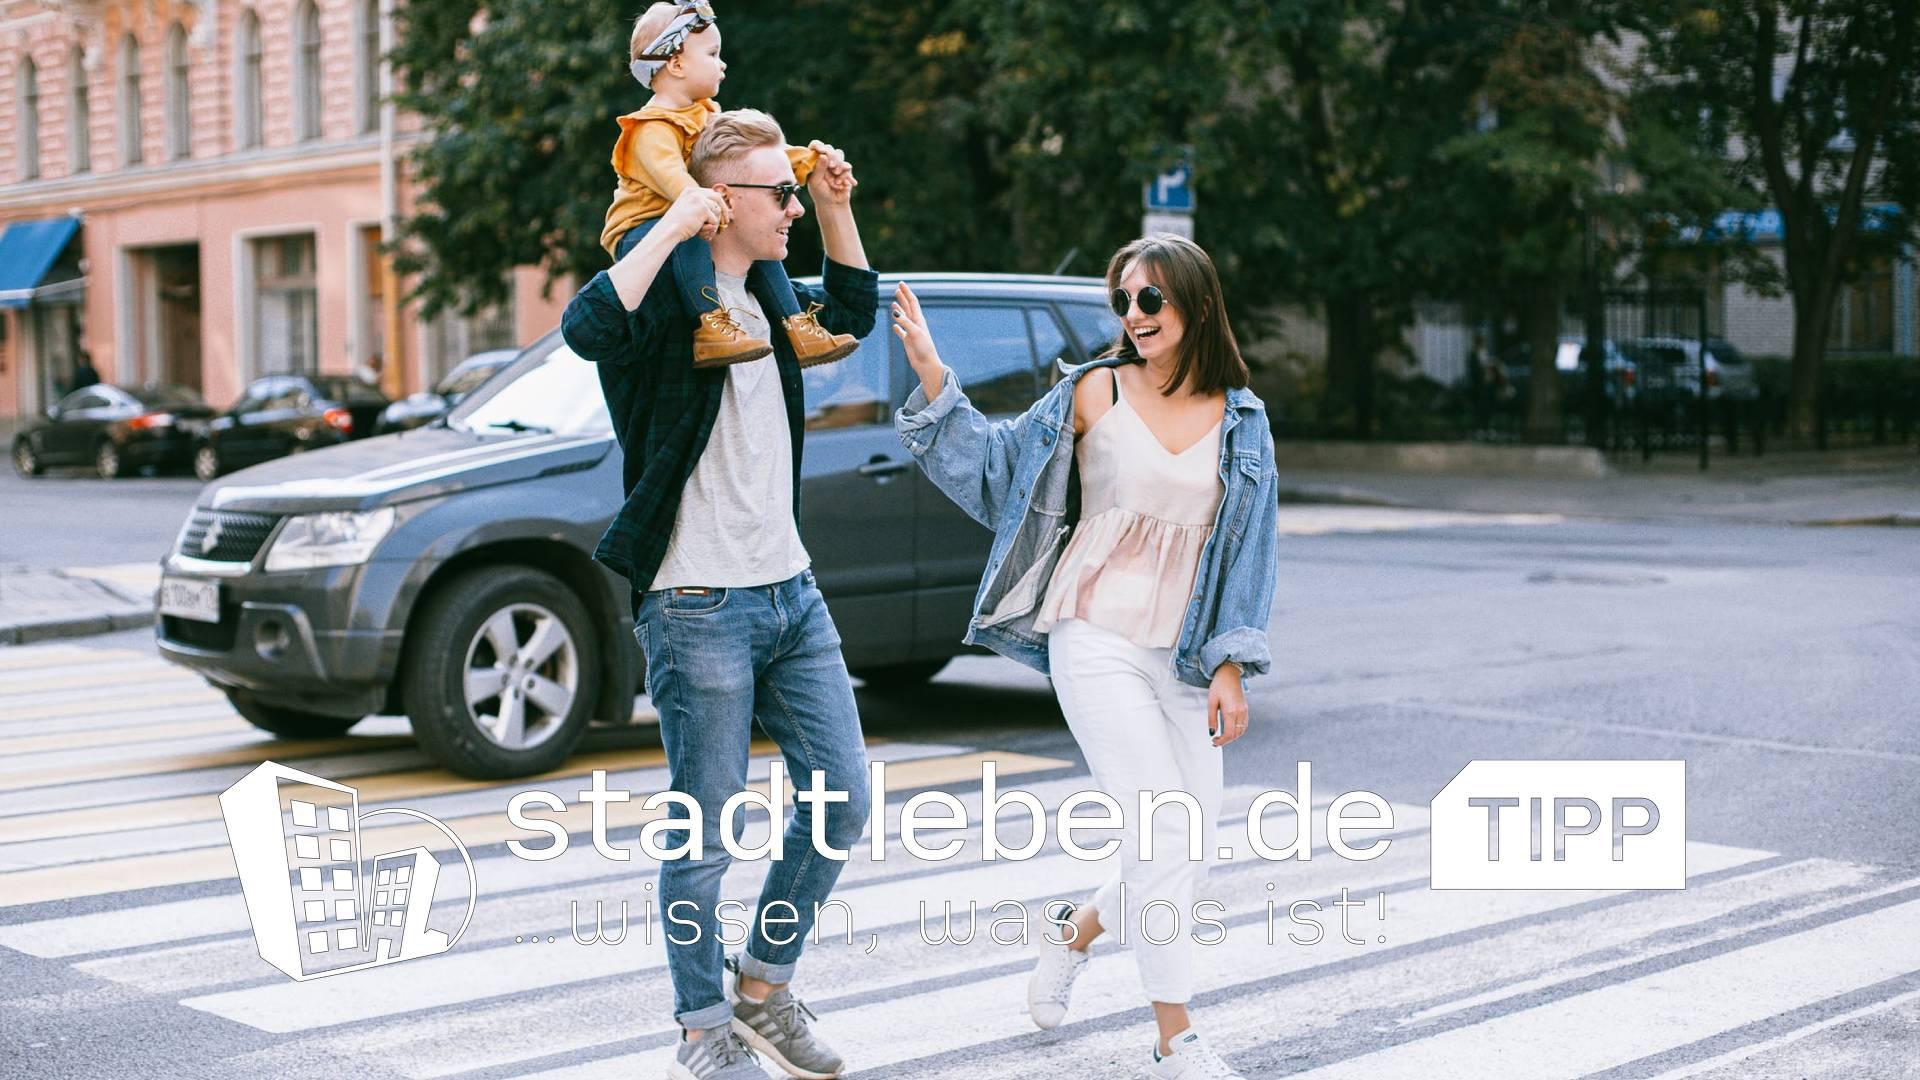 Familienausflug Mama Papa und Kind laufen durch die Stadt